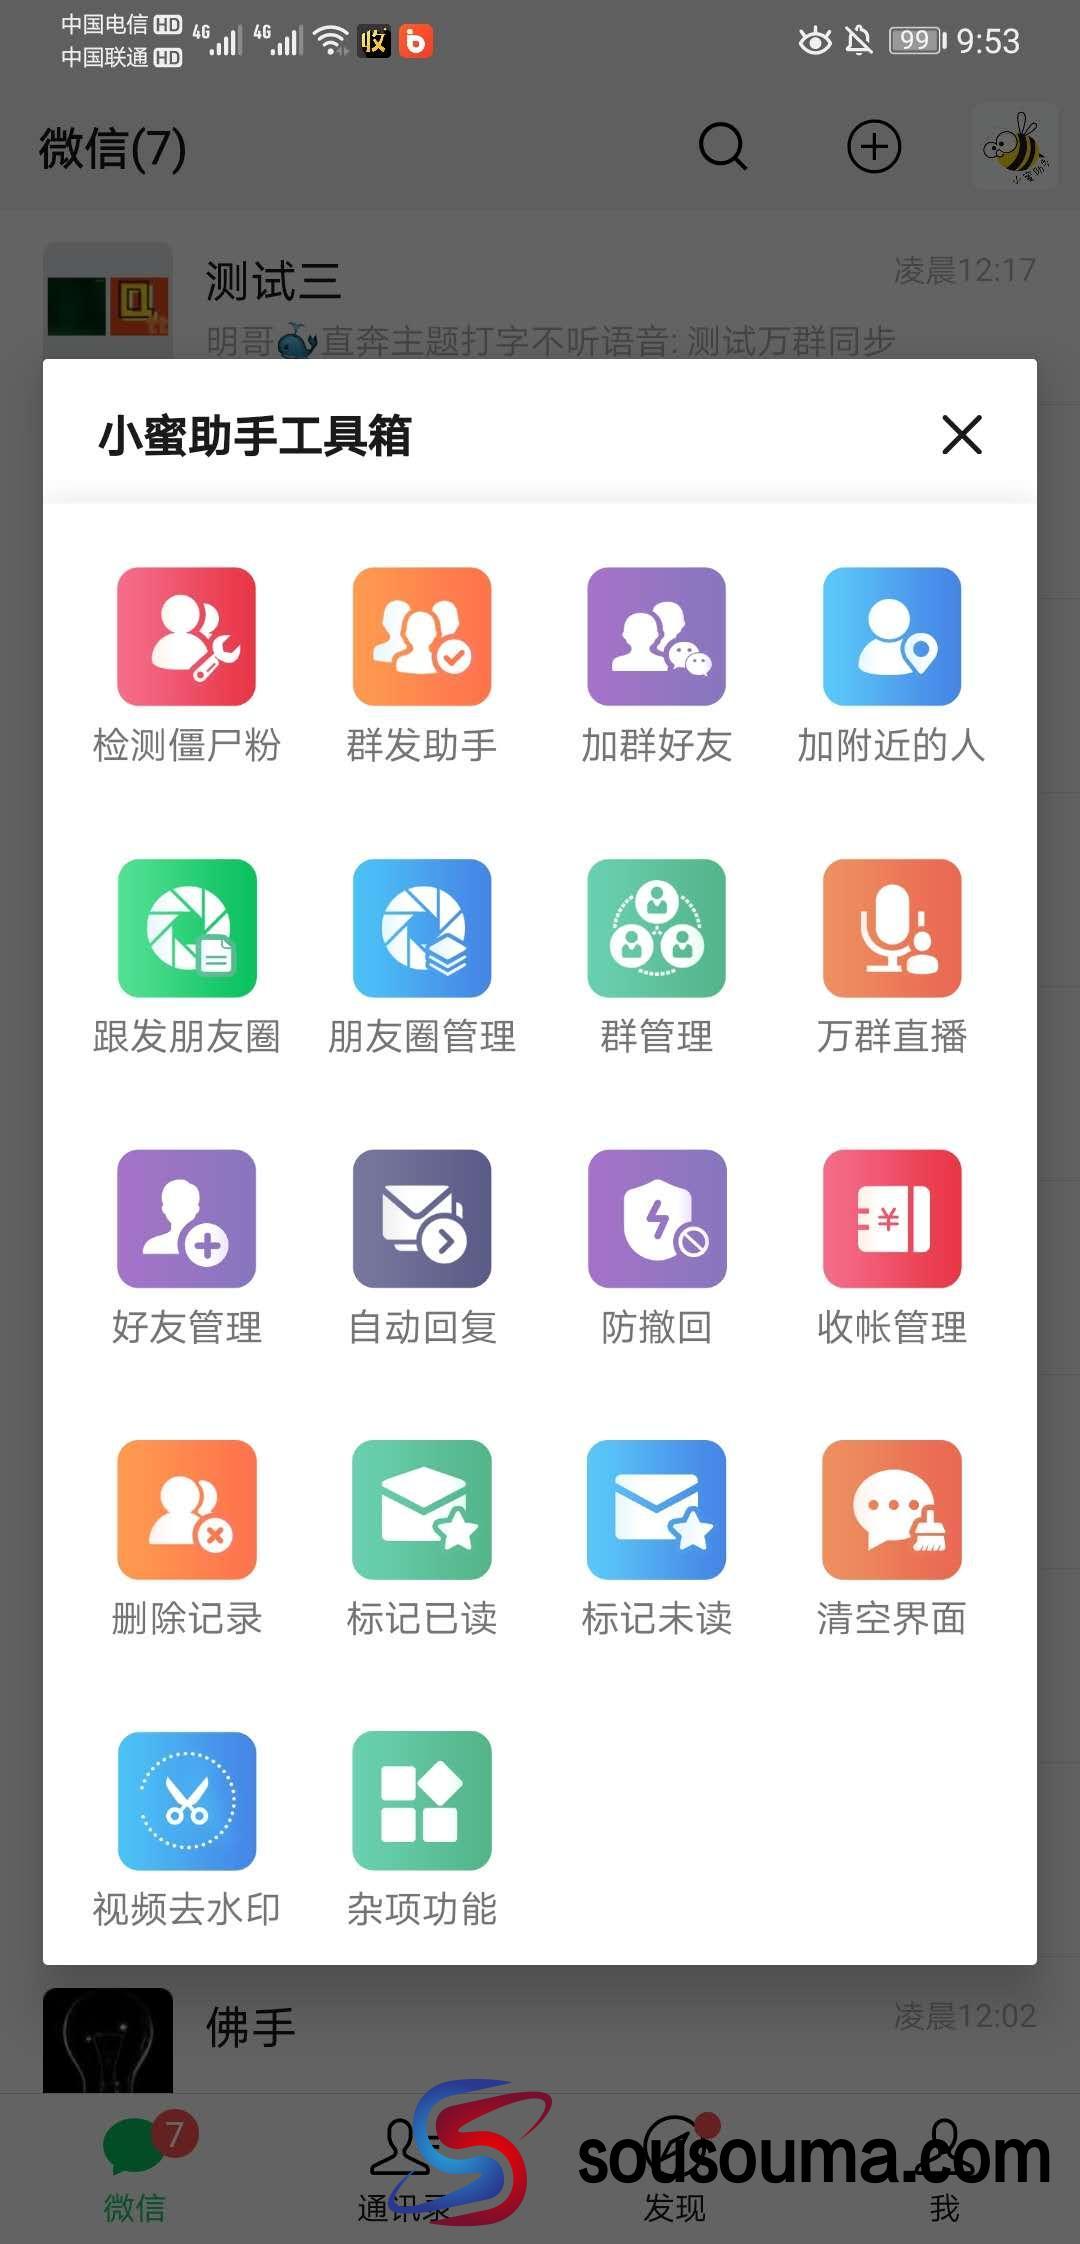 【安卓小蜜助手】使用教程图文教程高端安卓营销软件